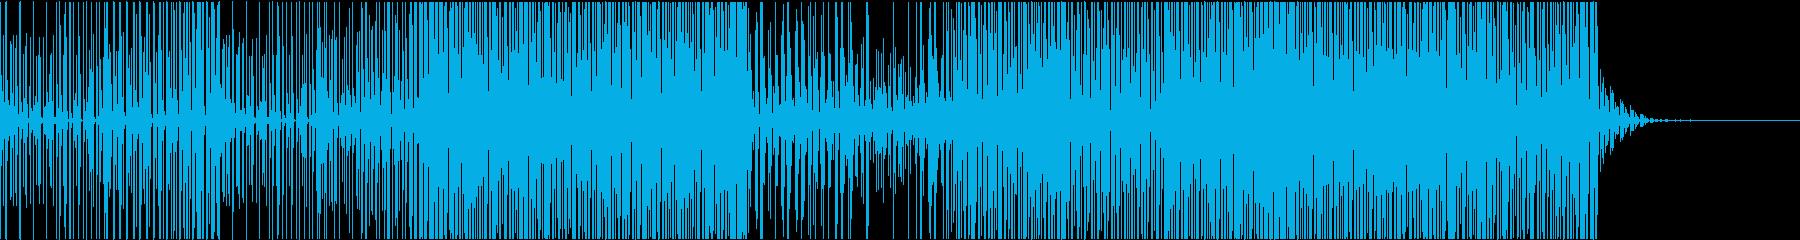 トランス風リズムトラックの再生済みの波形